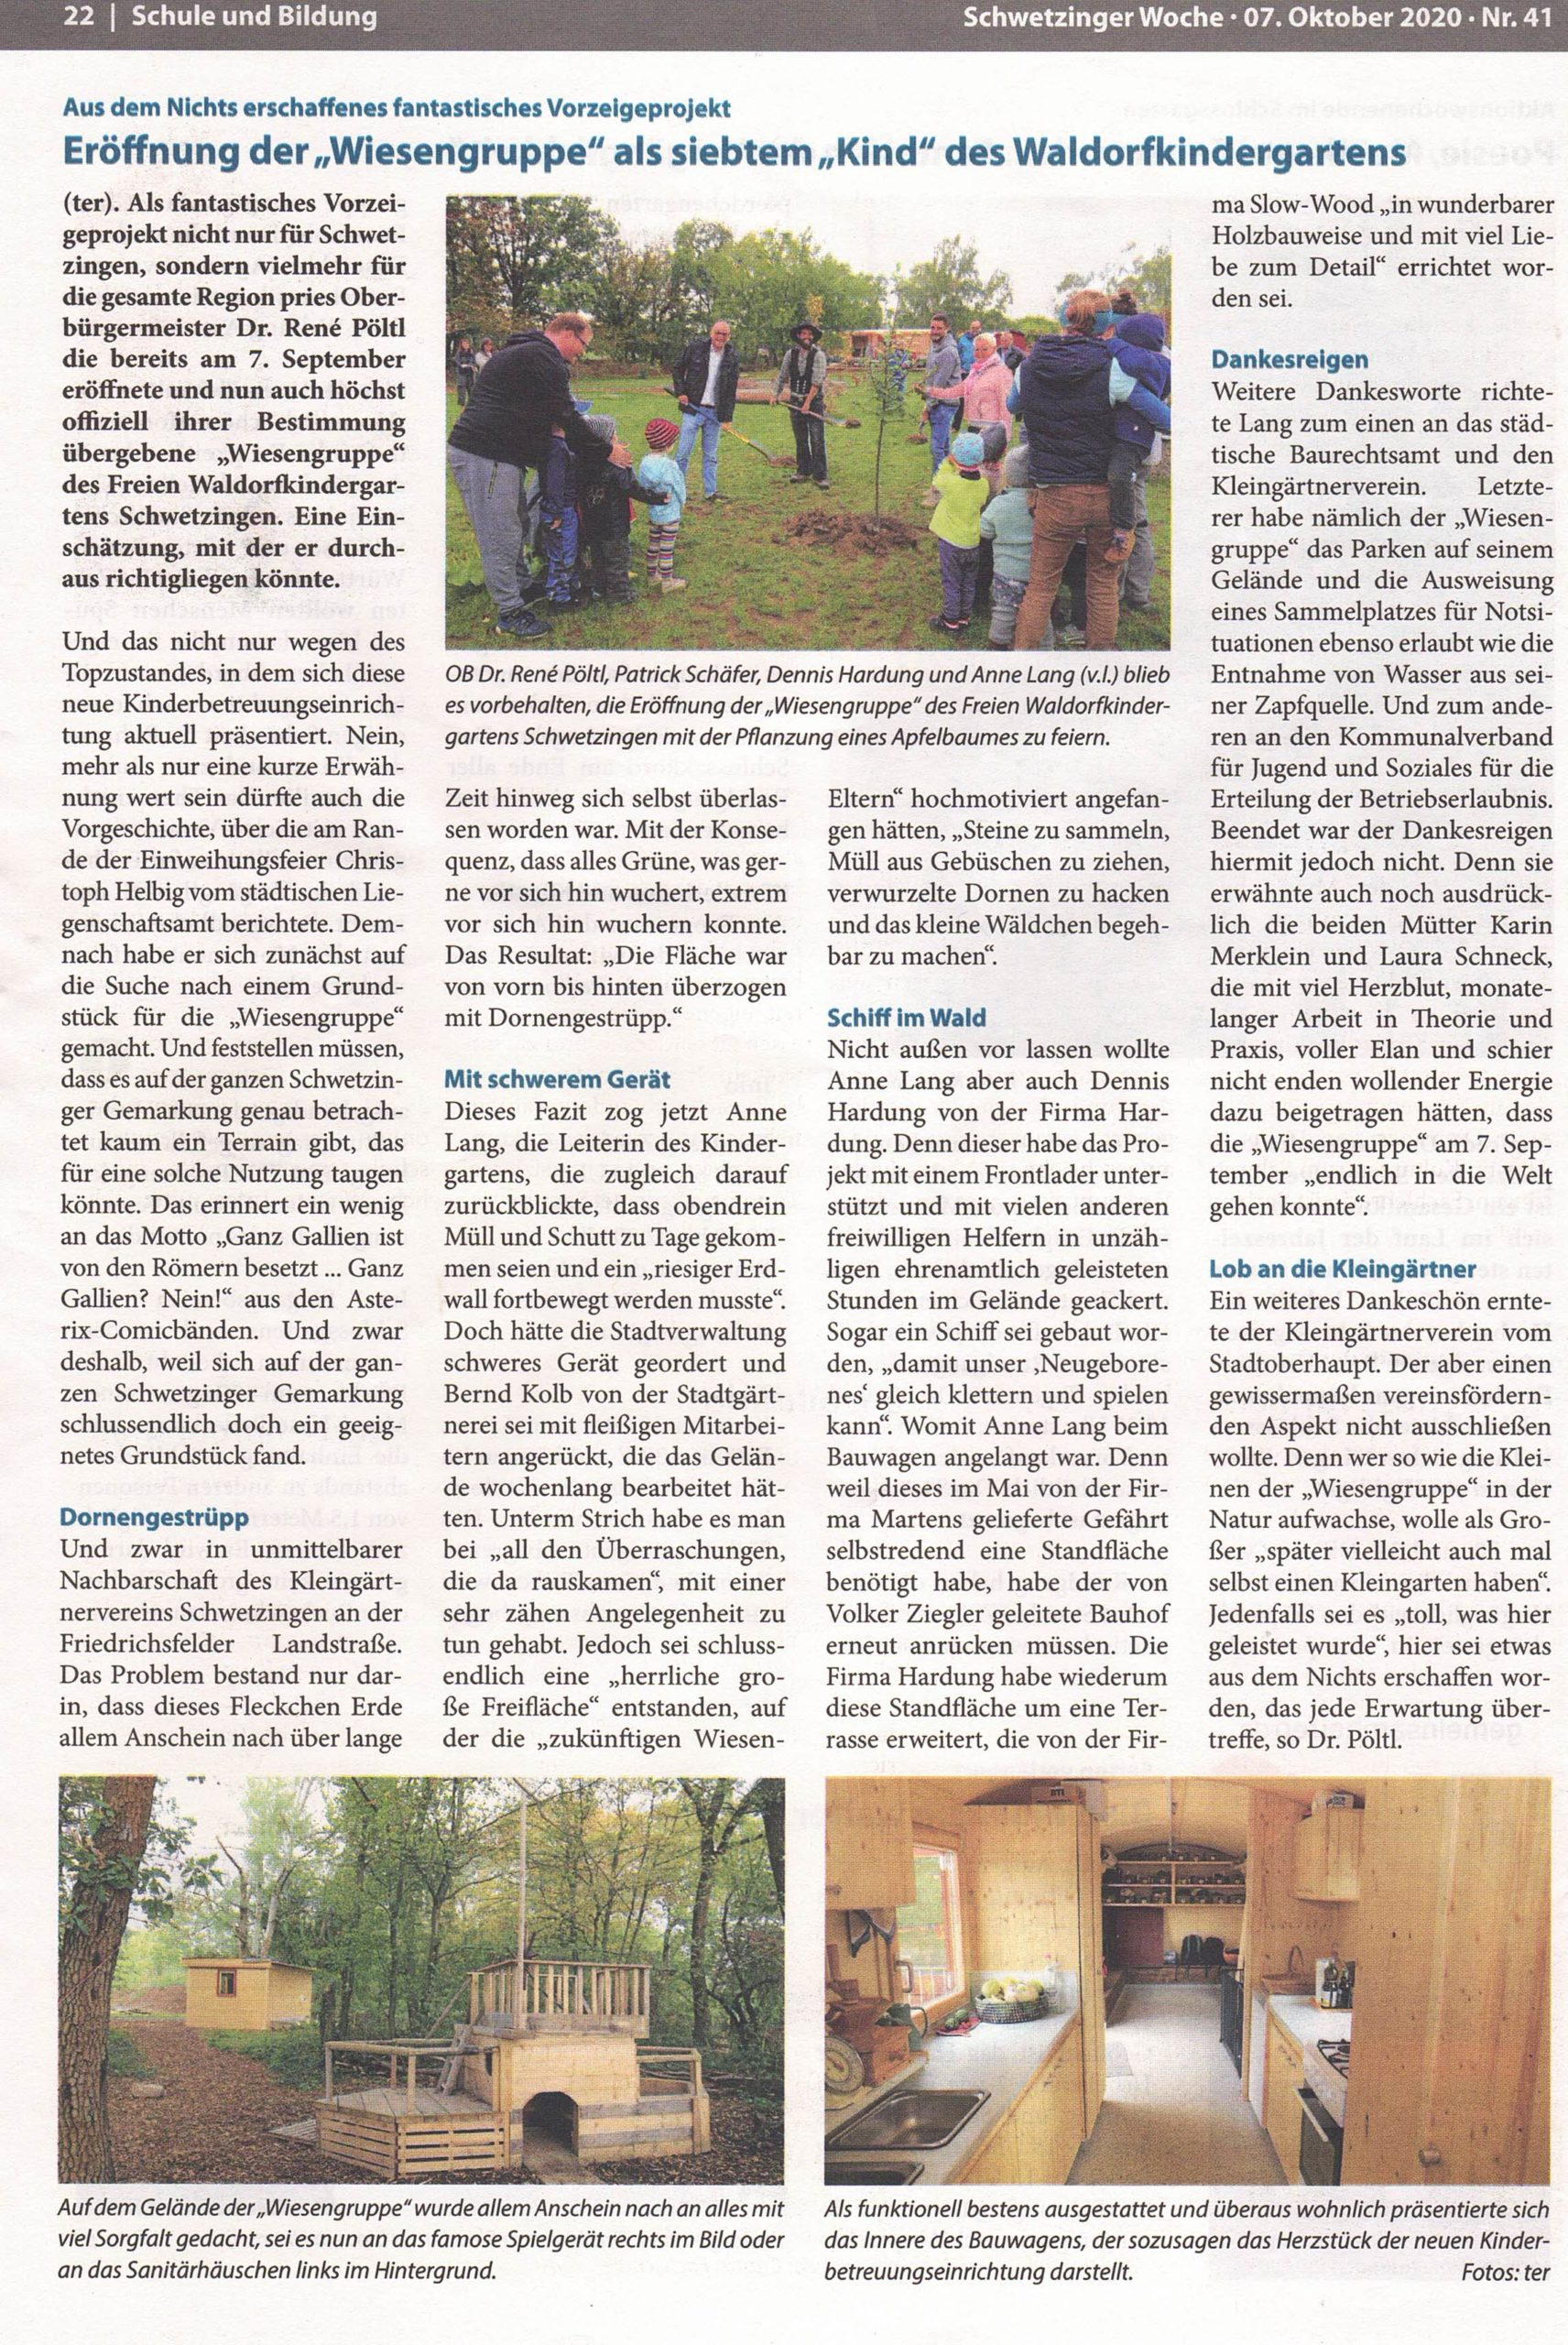 Bericht im der Schwetzinger Woche über die Wiesengruppe